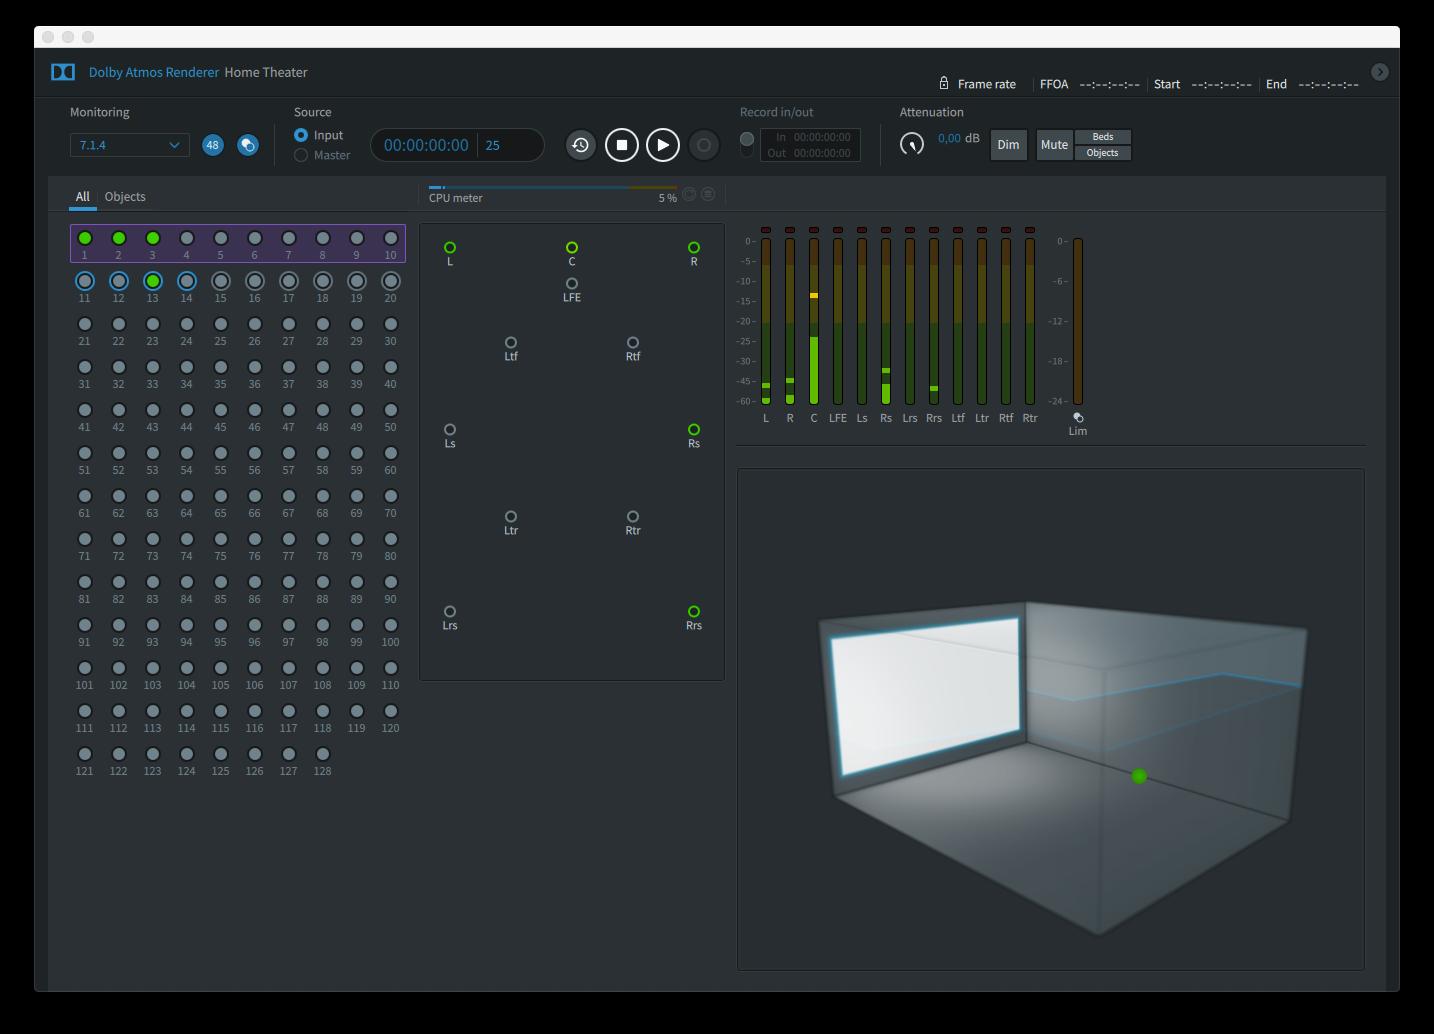 Der Einstieg in Dolby Atmos